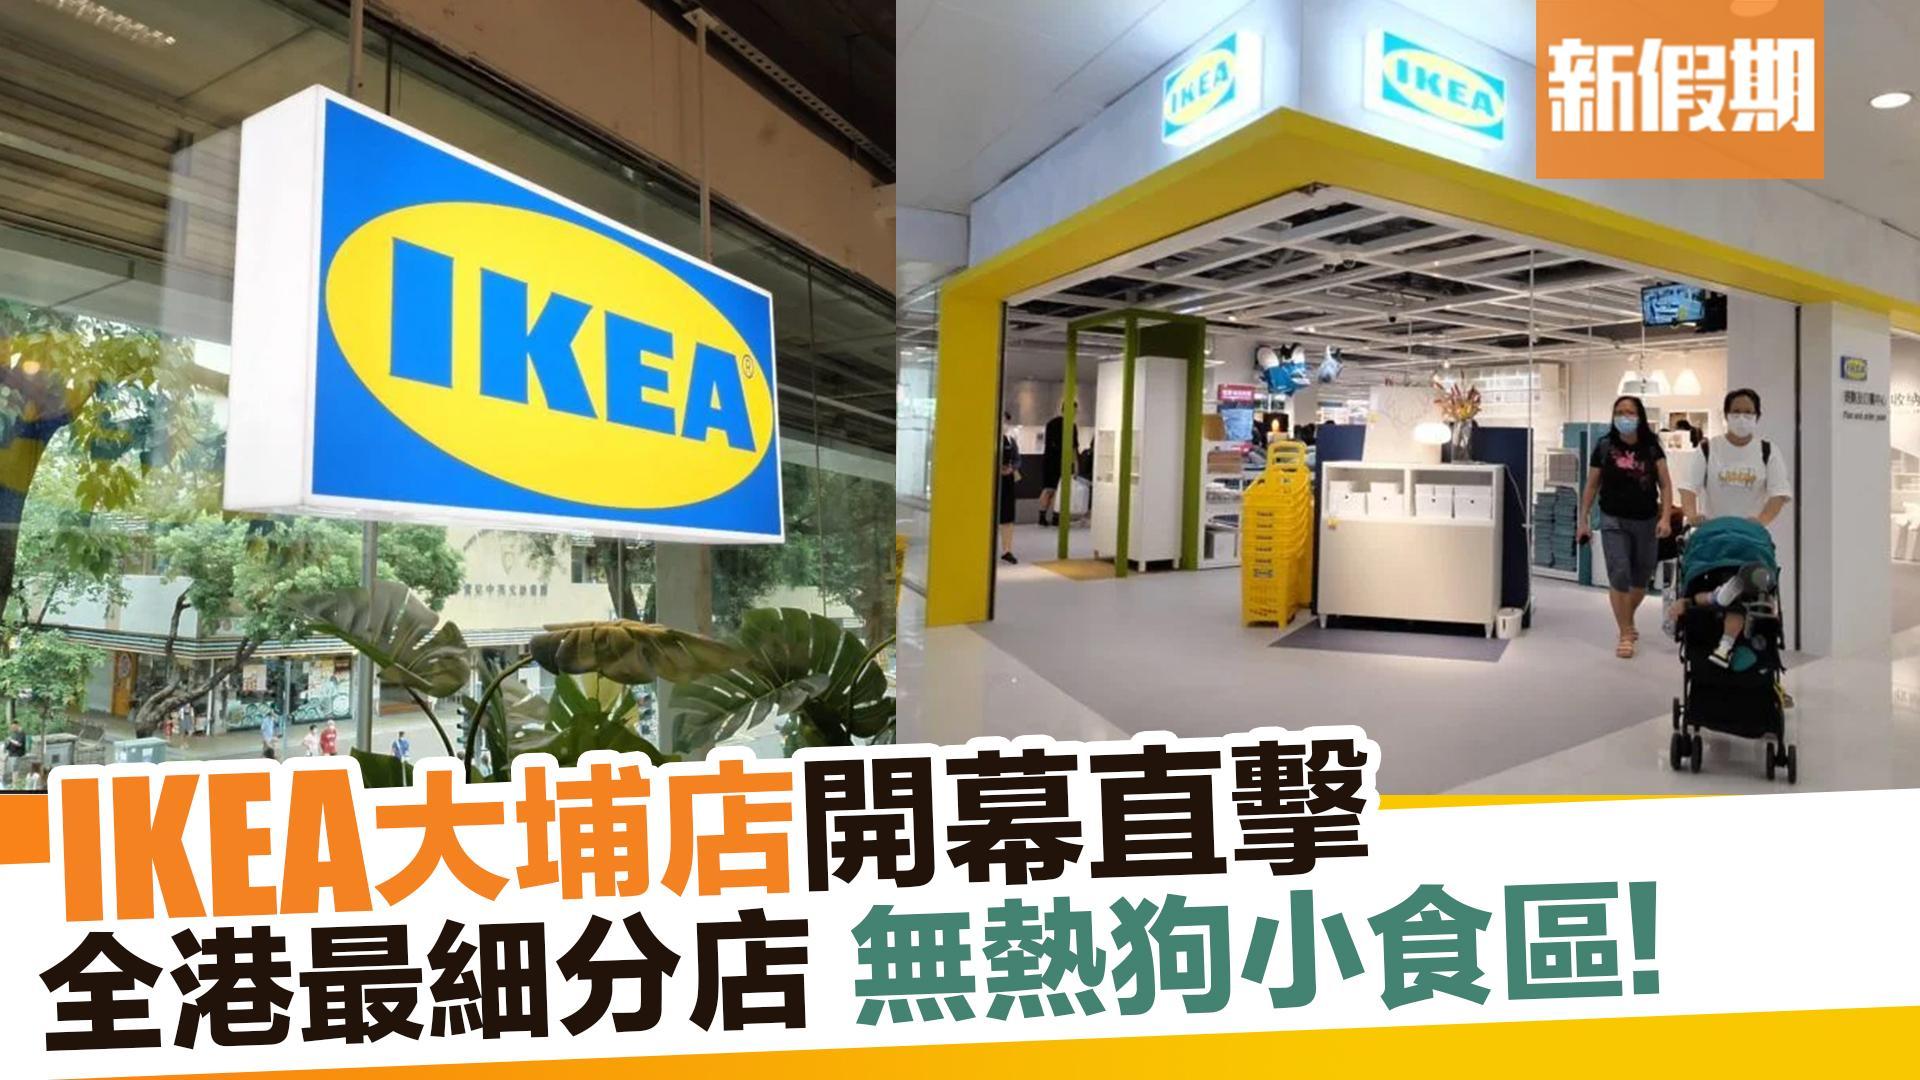 【香港好去處】IKEA大埔店正式開幕 全新概念店!記者現場多圖直擊 5,000呎新店首日已爆場!|新假期